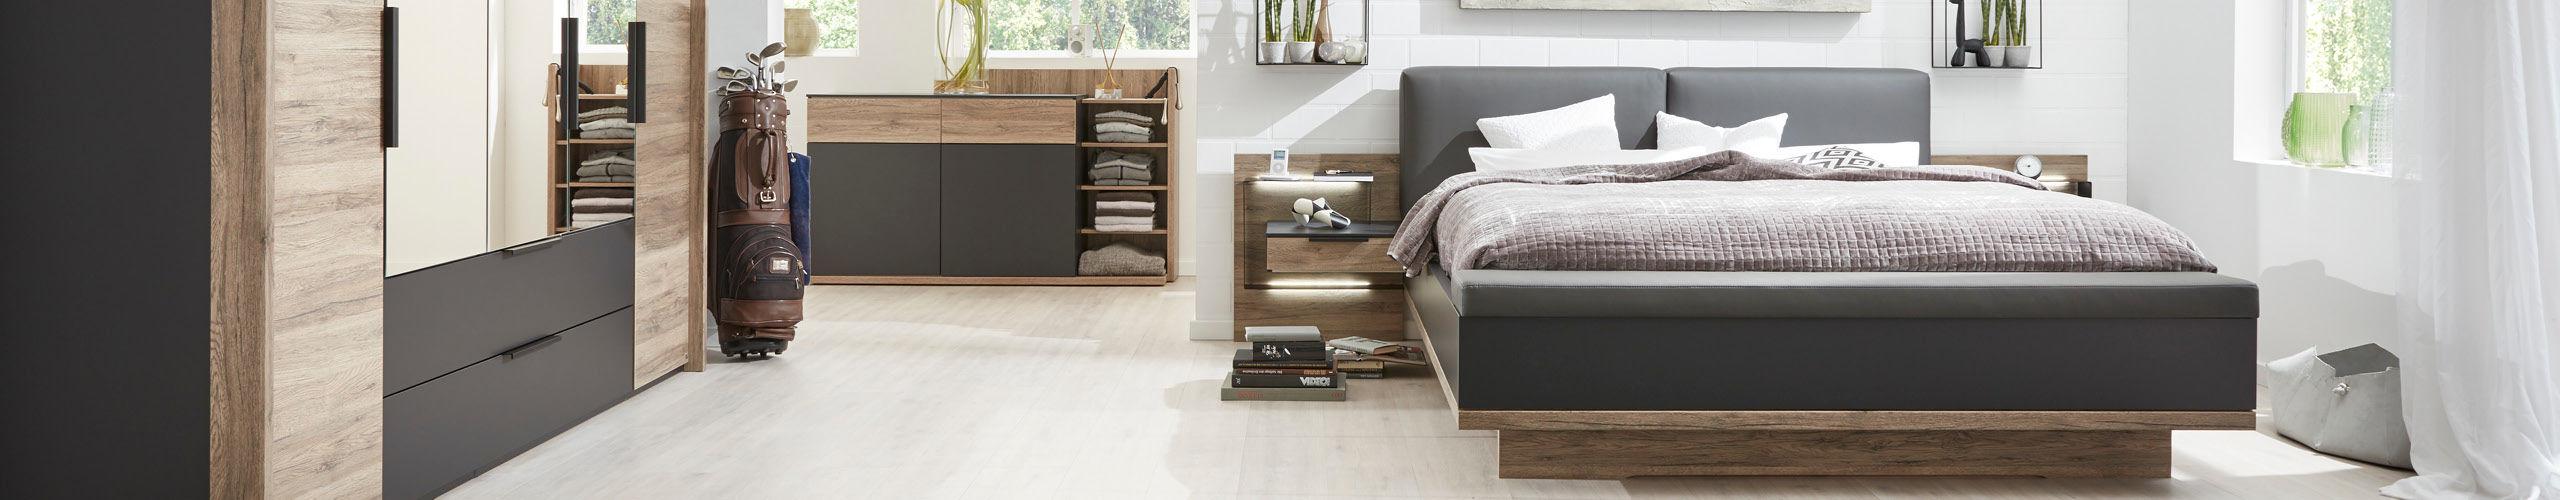 moebel-berning-lingen-rheine-osnabrueck-interliving-schlafzimmer-wohnzimmer-esszimmer-speisen-wohnen-schlafen-sofa-couchtisch-wohnwand-muenster-schrank-slider-schlafzimmer